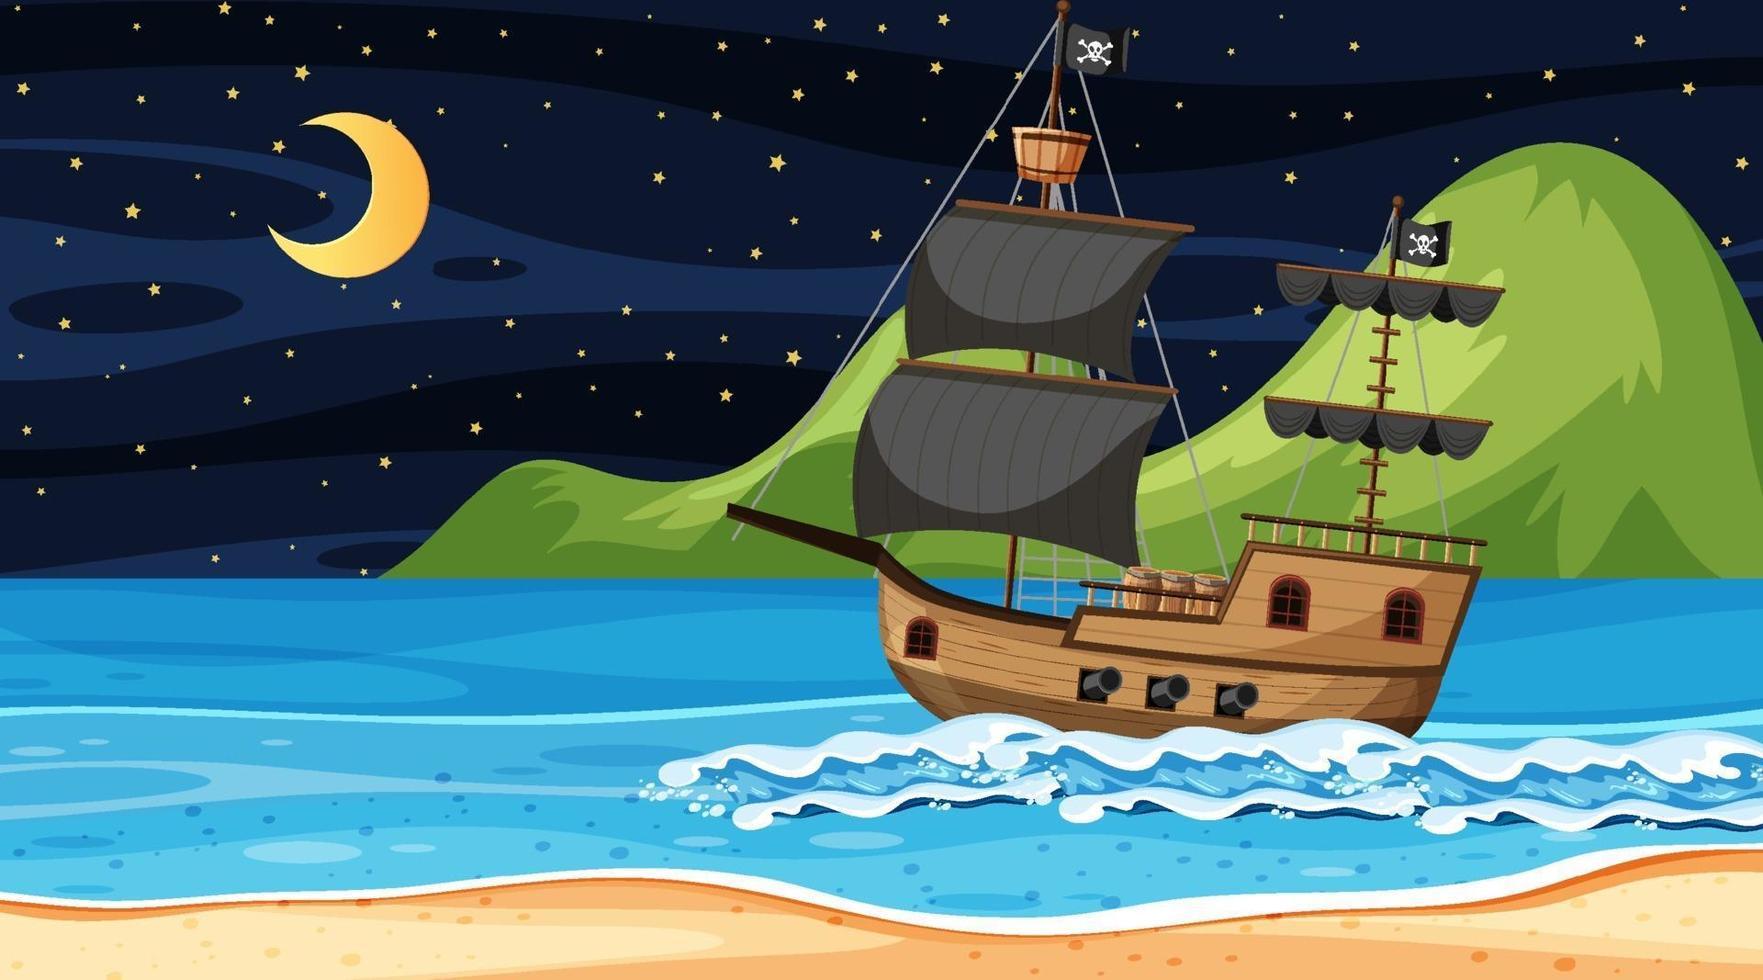 oceano com navio pirata na cena noturna em estilo cartoon vetor